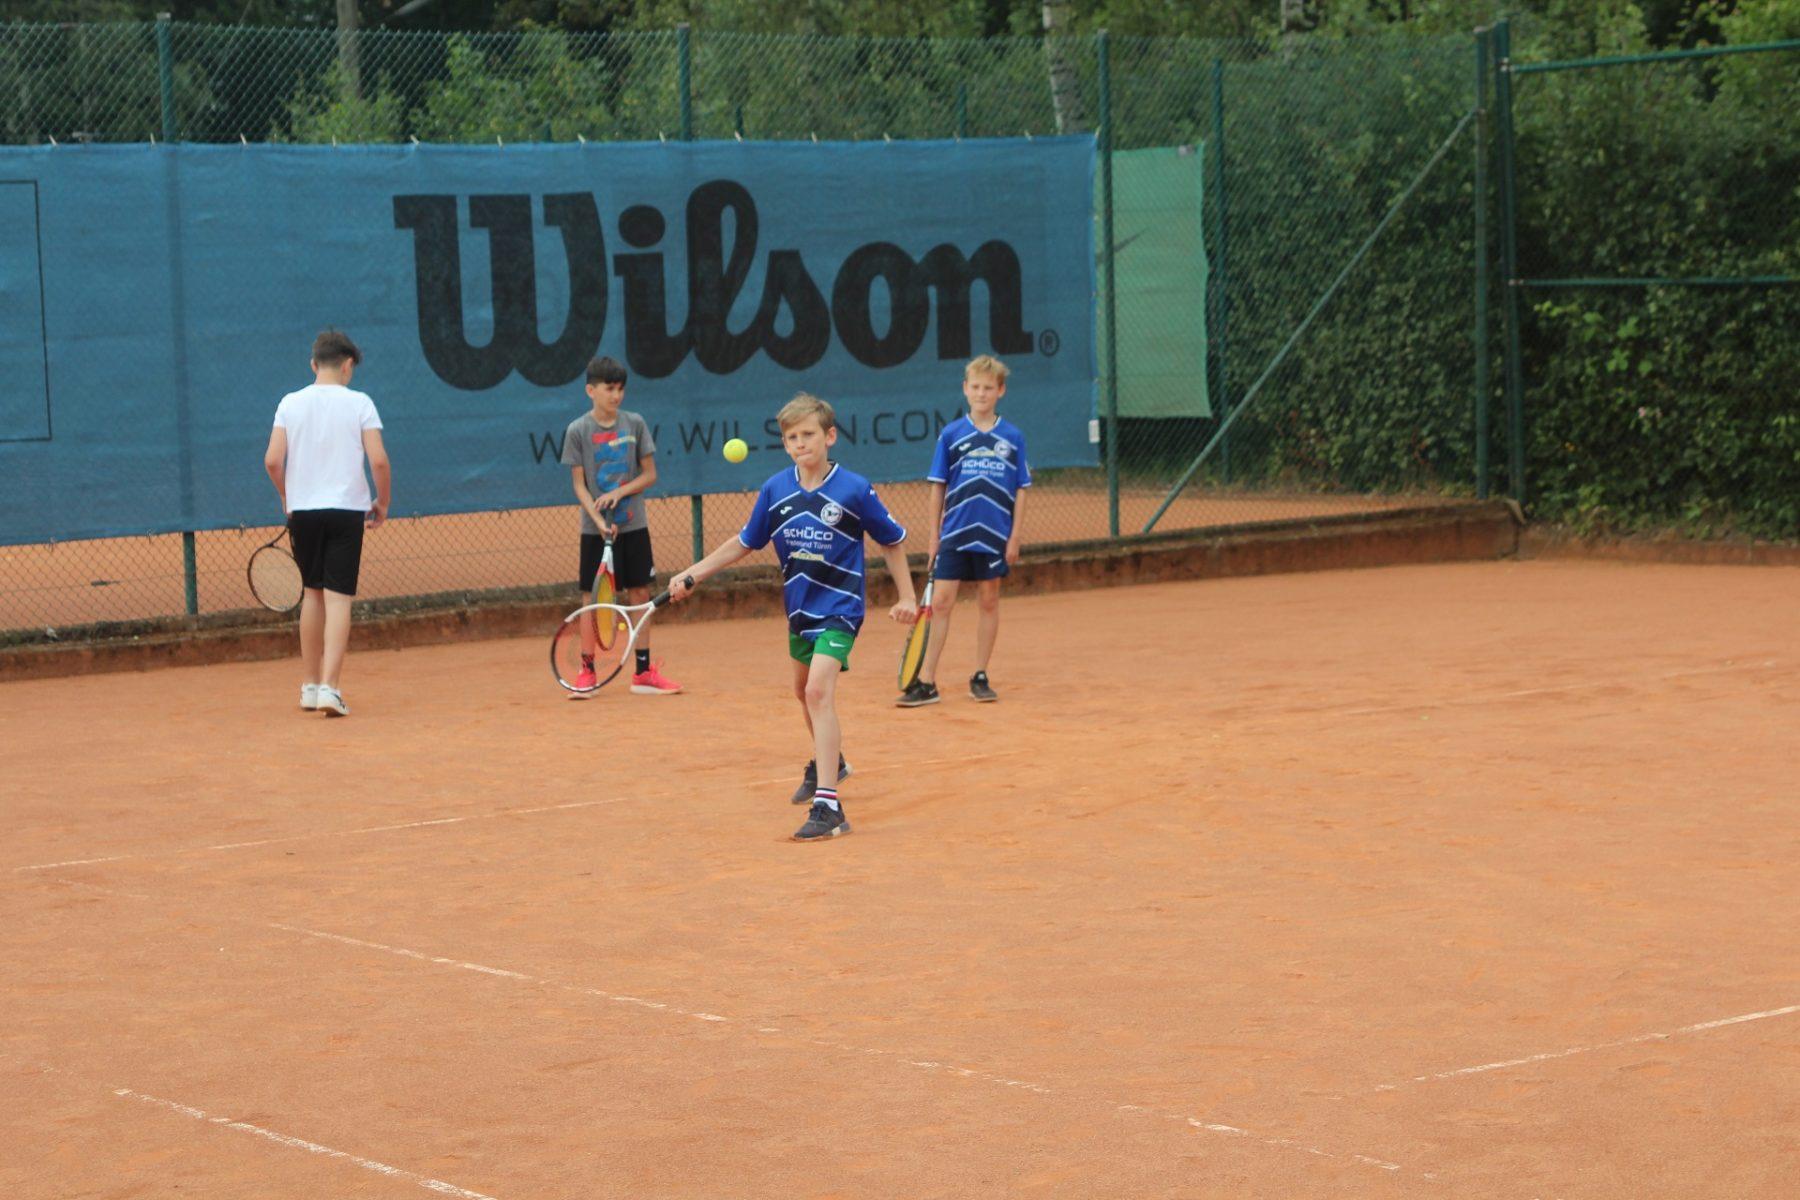 telekom-post-sv-tennisabteilung-feriencamp-2020-bild-3-klein